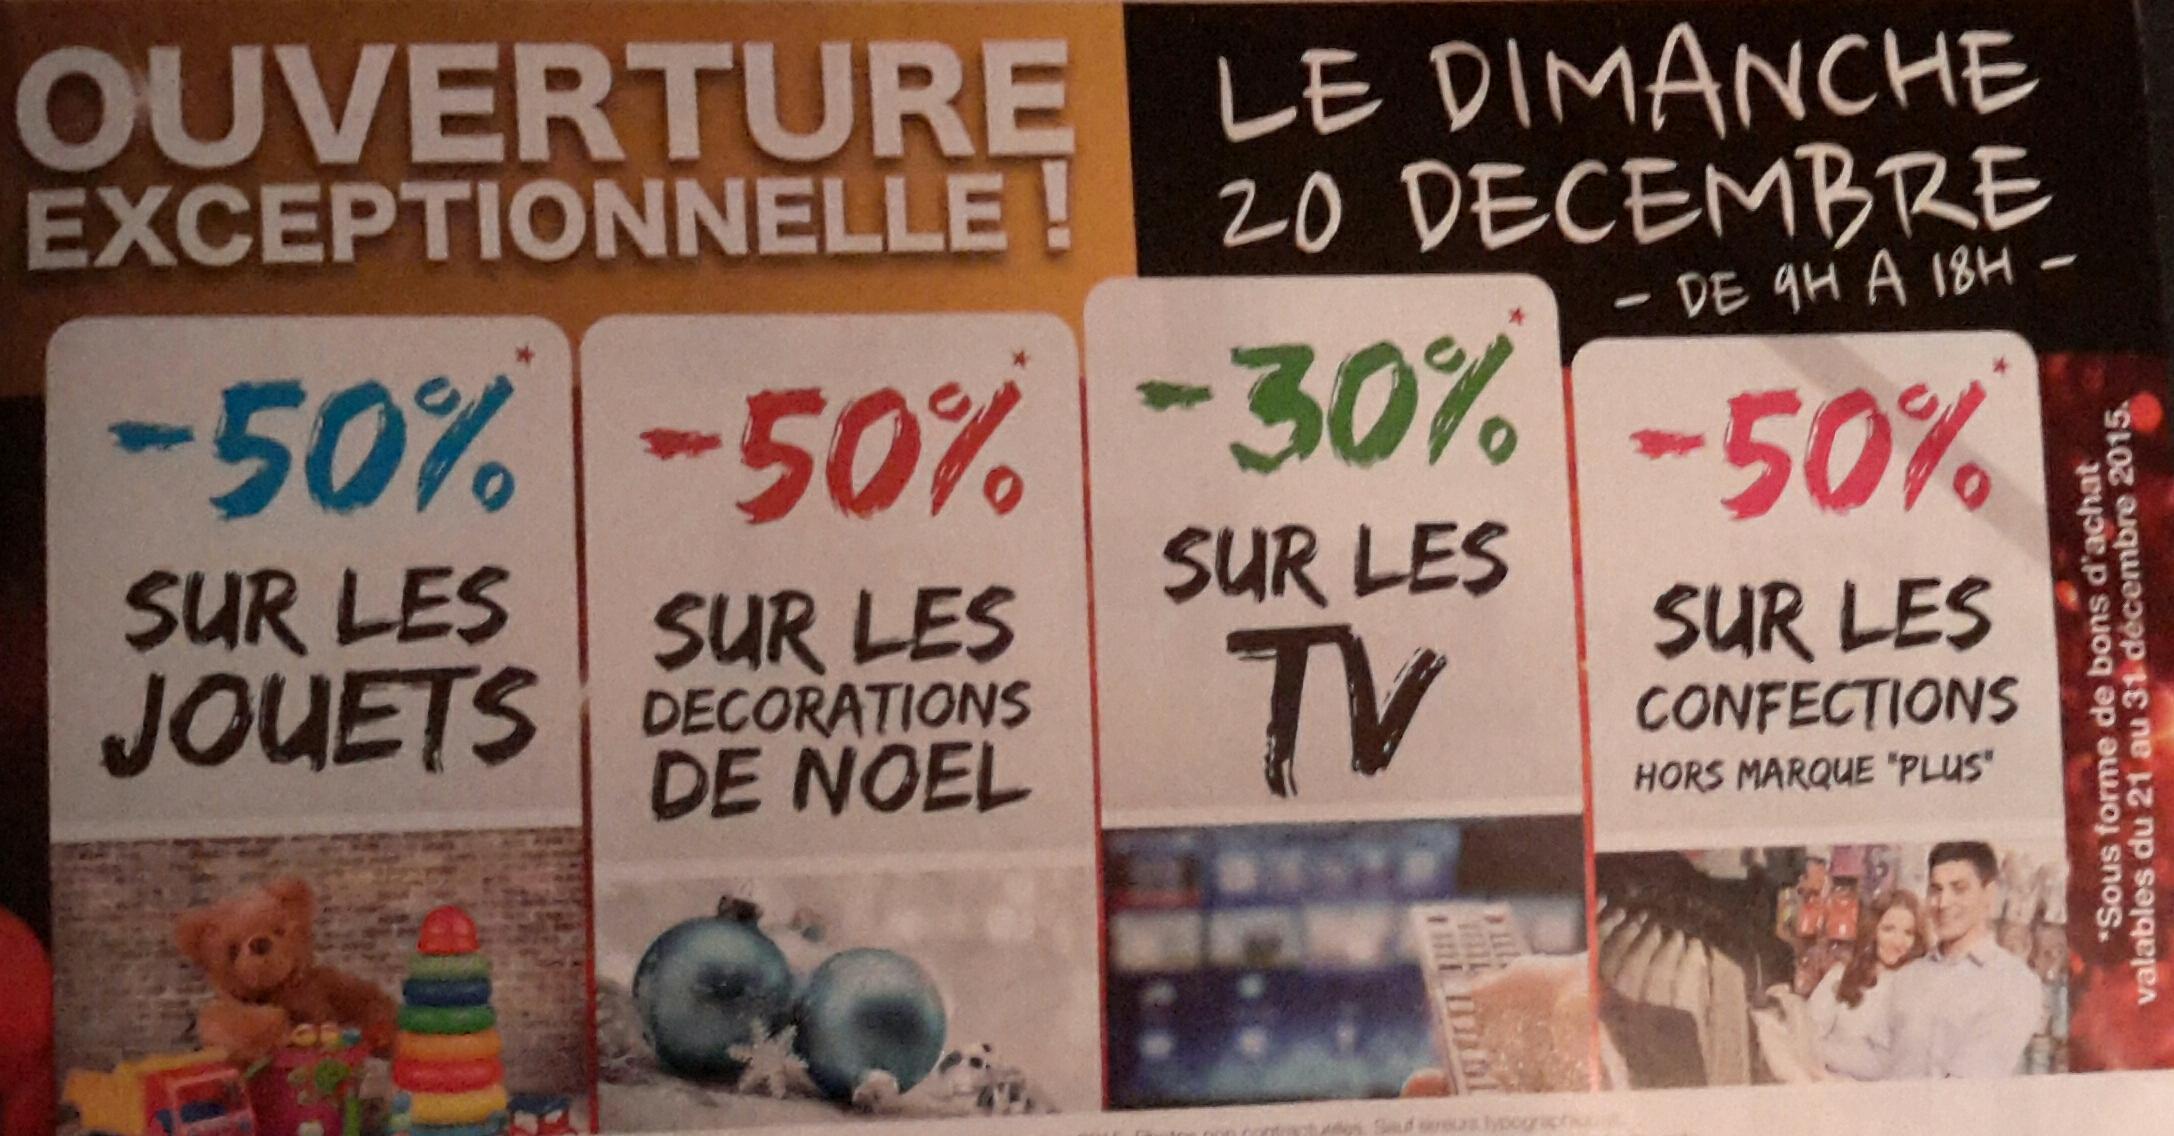 30% offerts en bons d'achat sur les TV et 50% sur les jouets